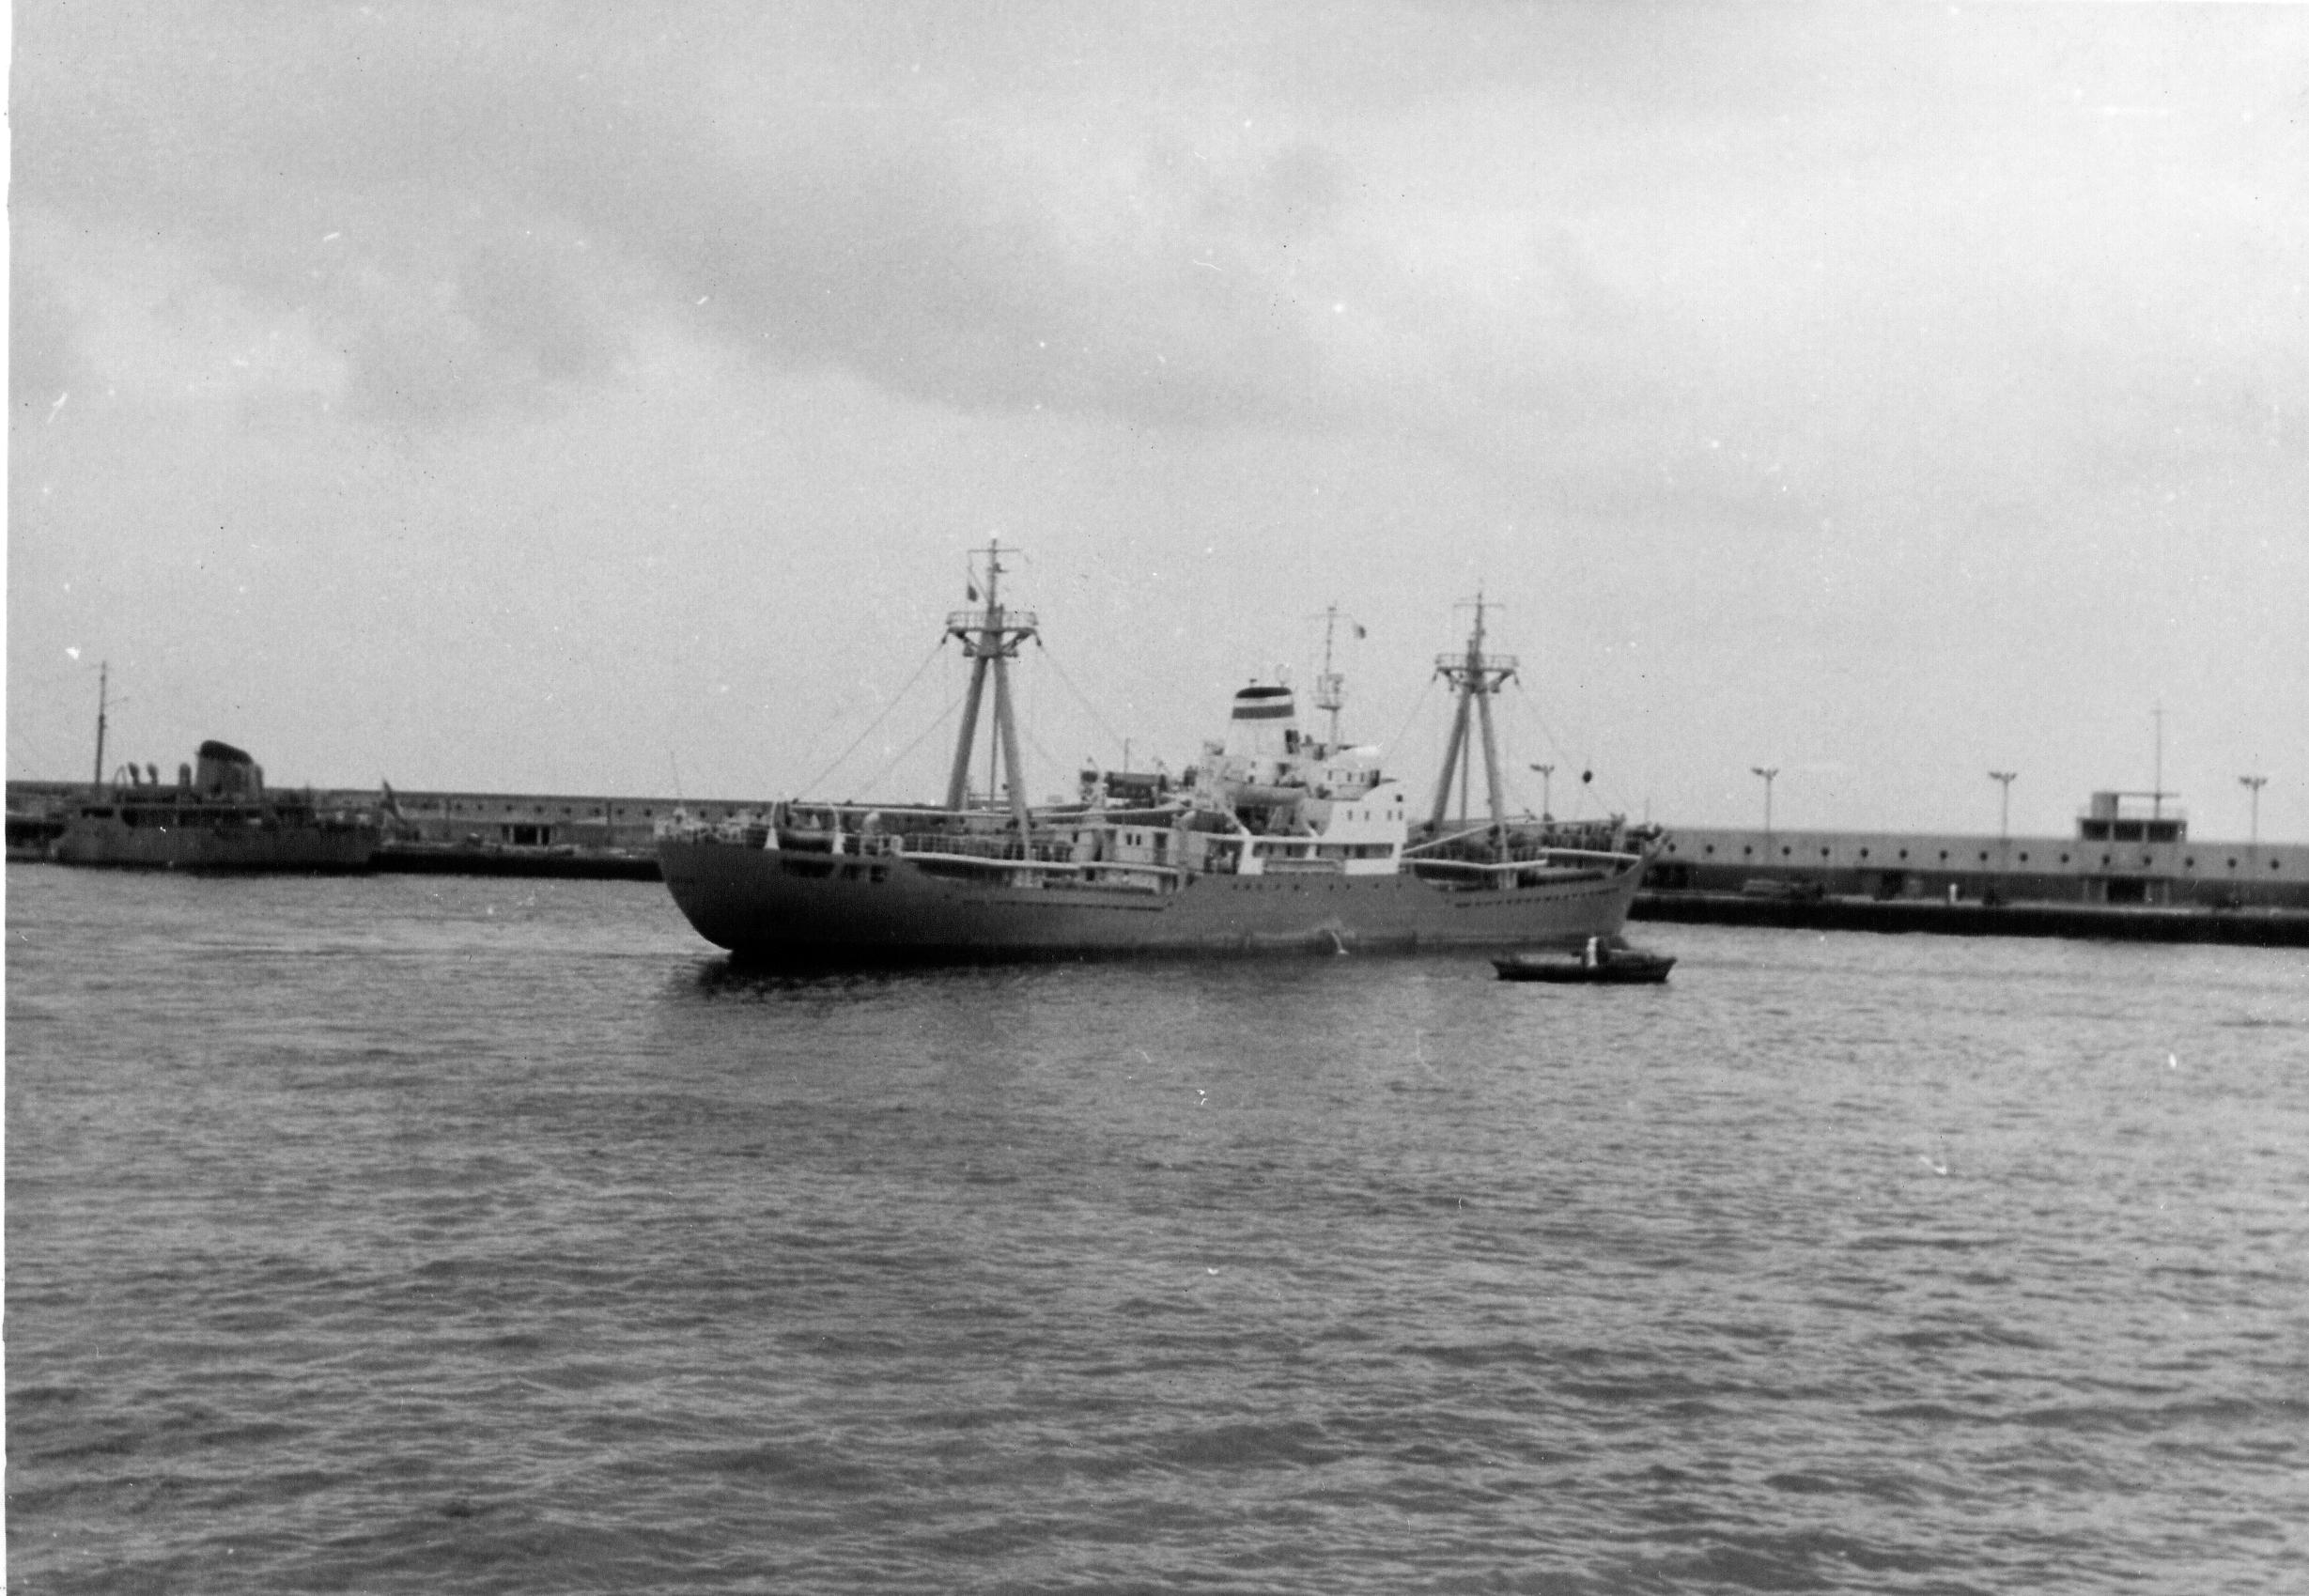 близкие здание министерства морского флота ссср фото расследование